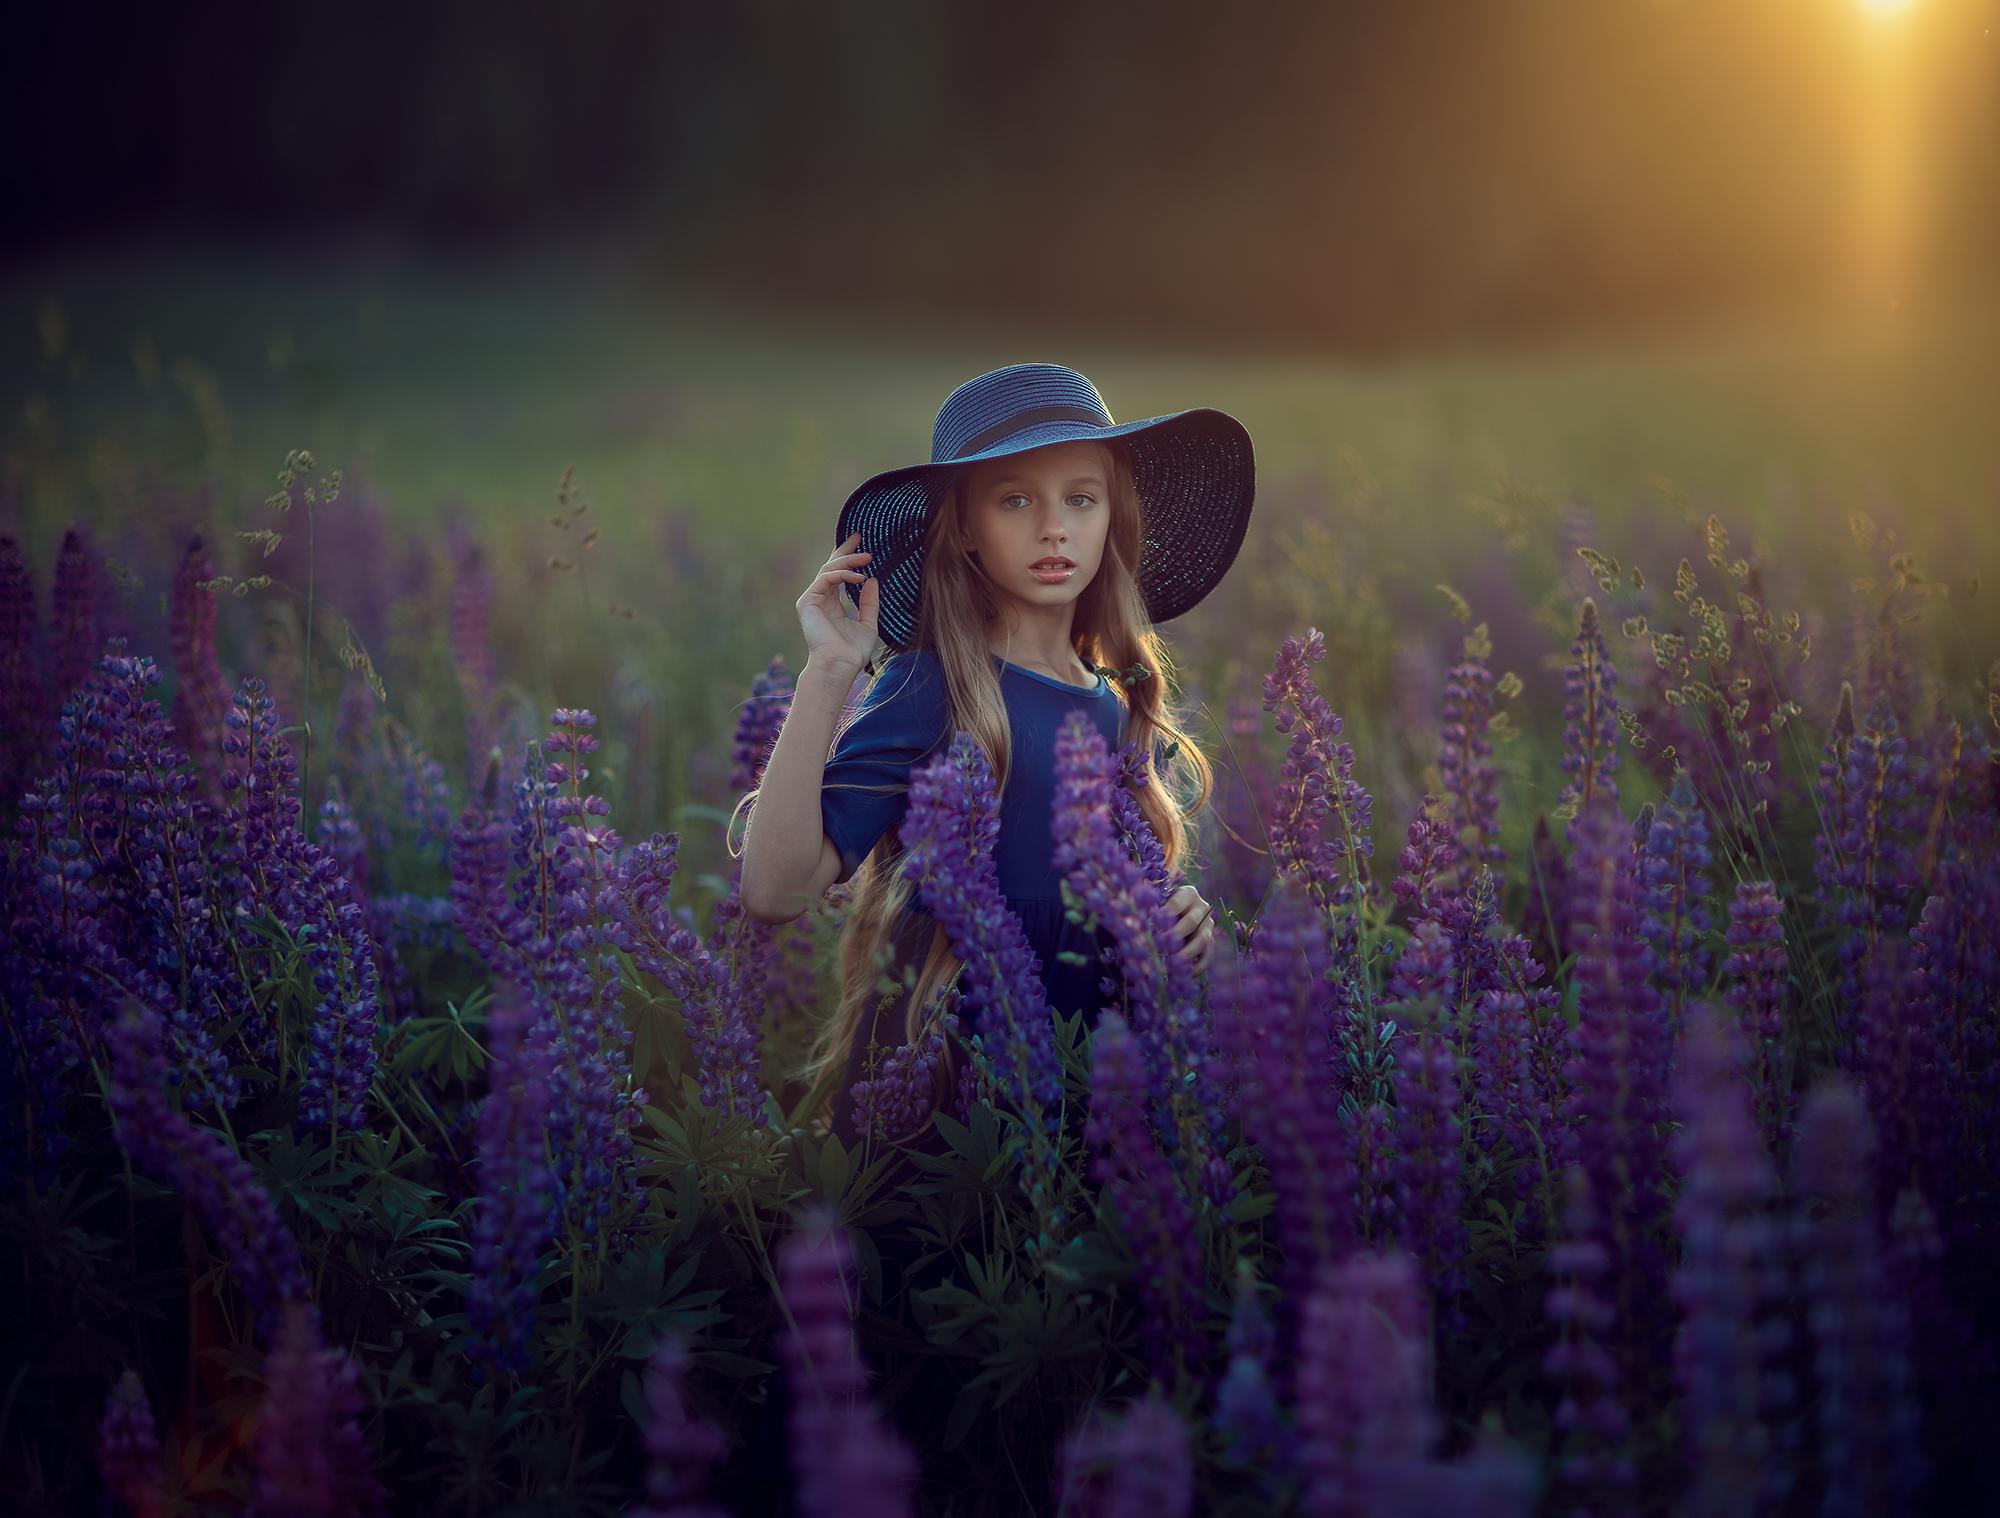 Девочка на природе в люпинах, фотосессия для детей летом.